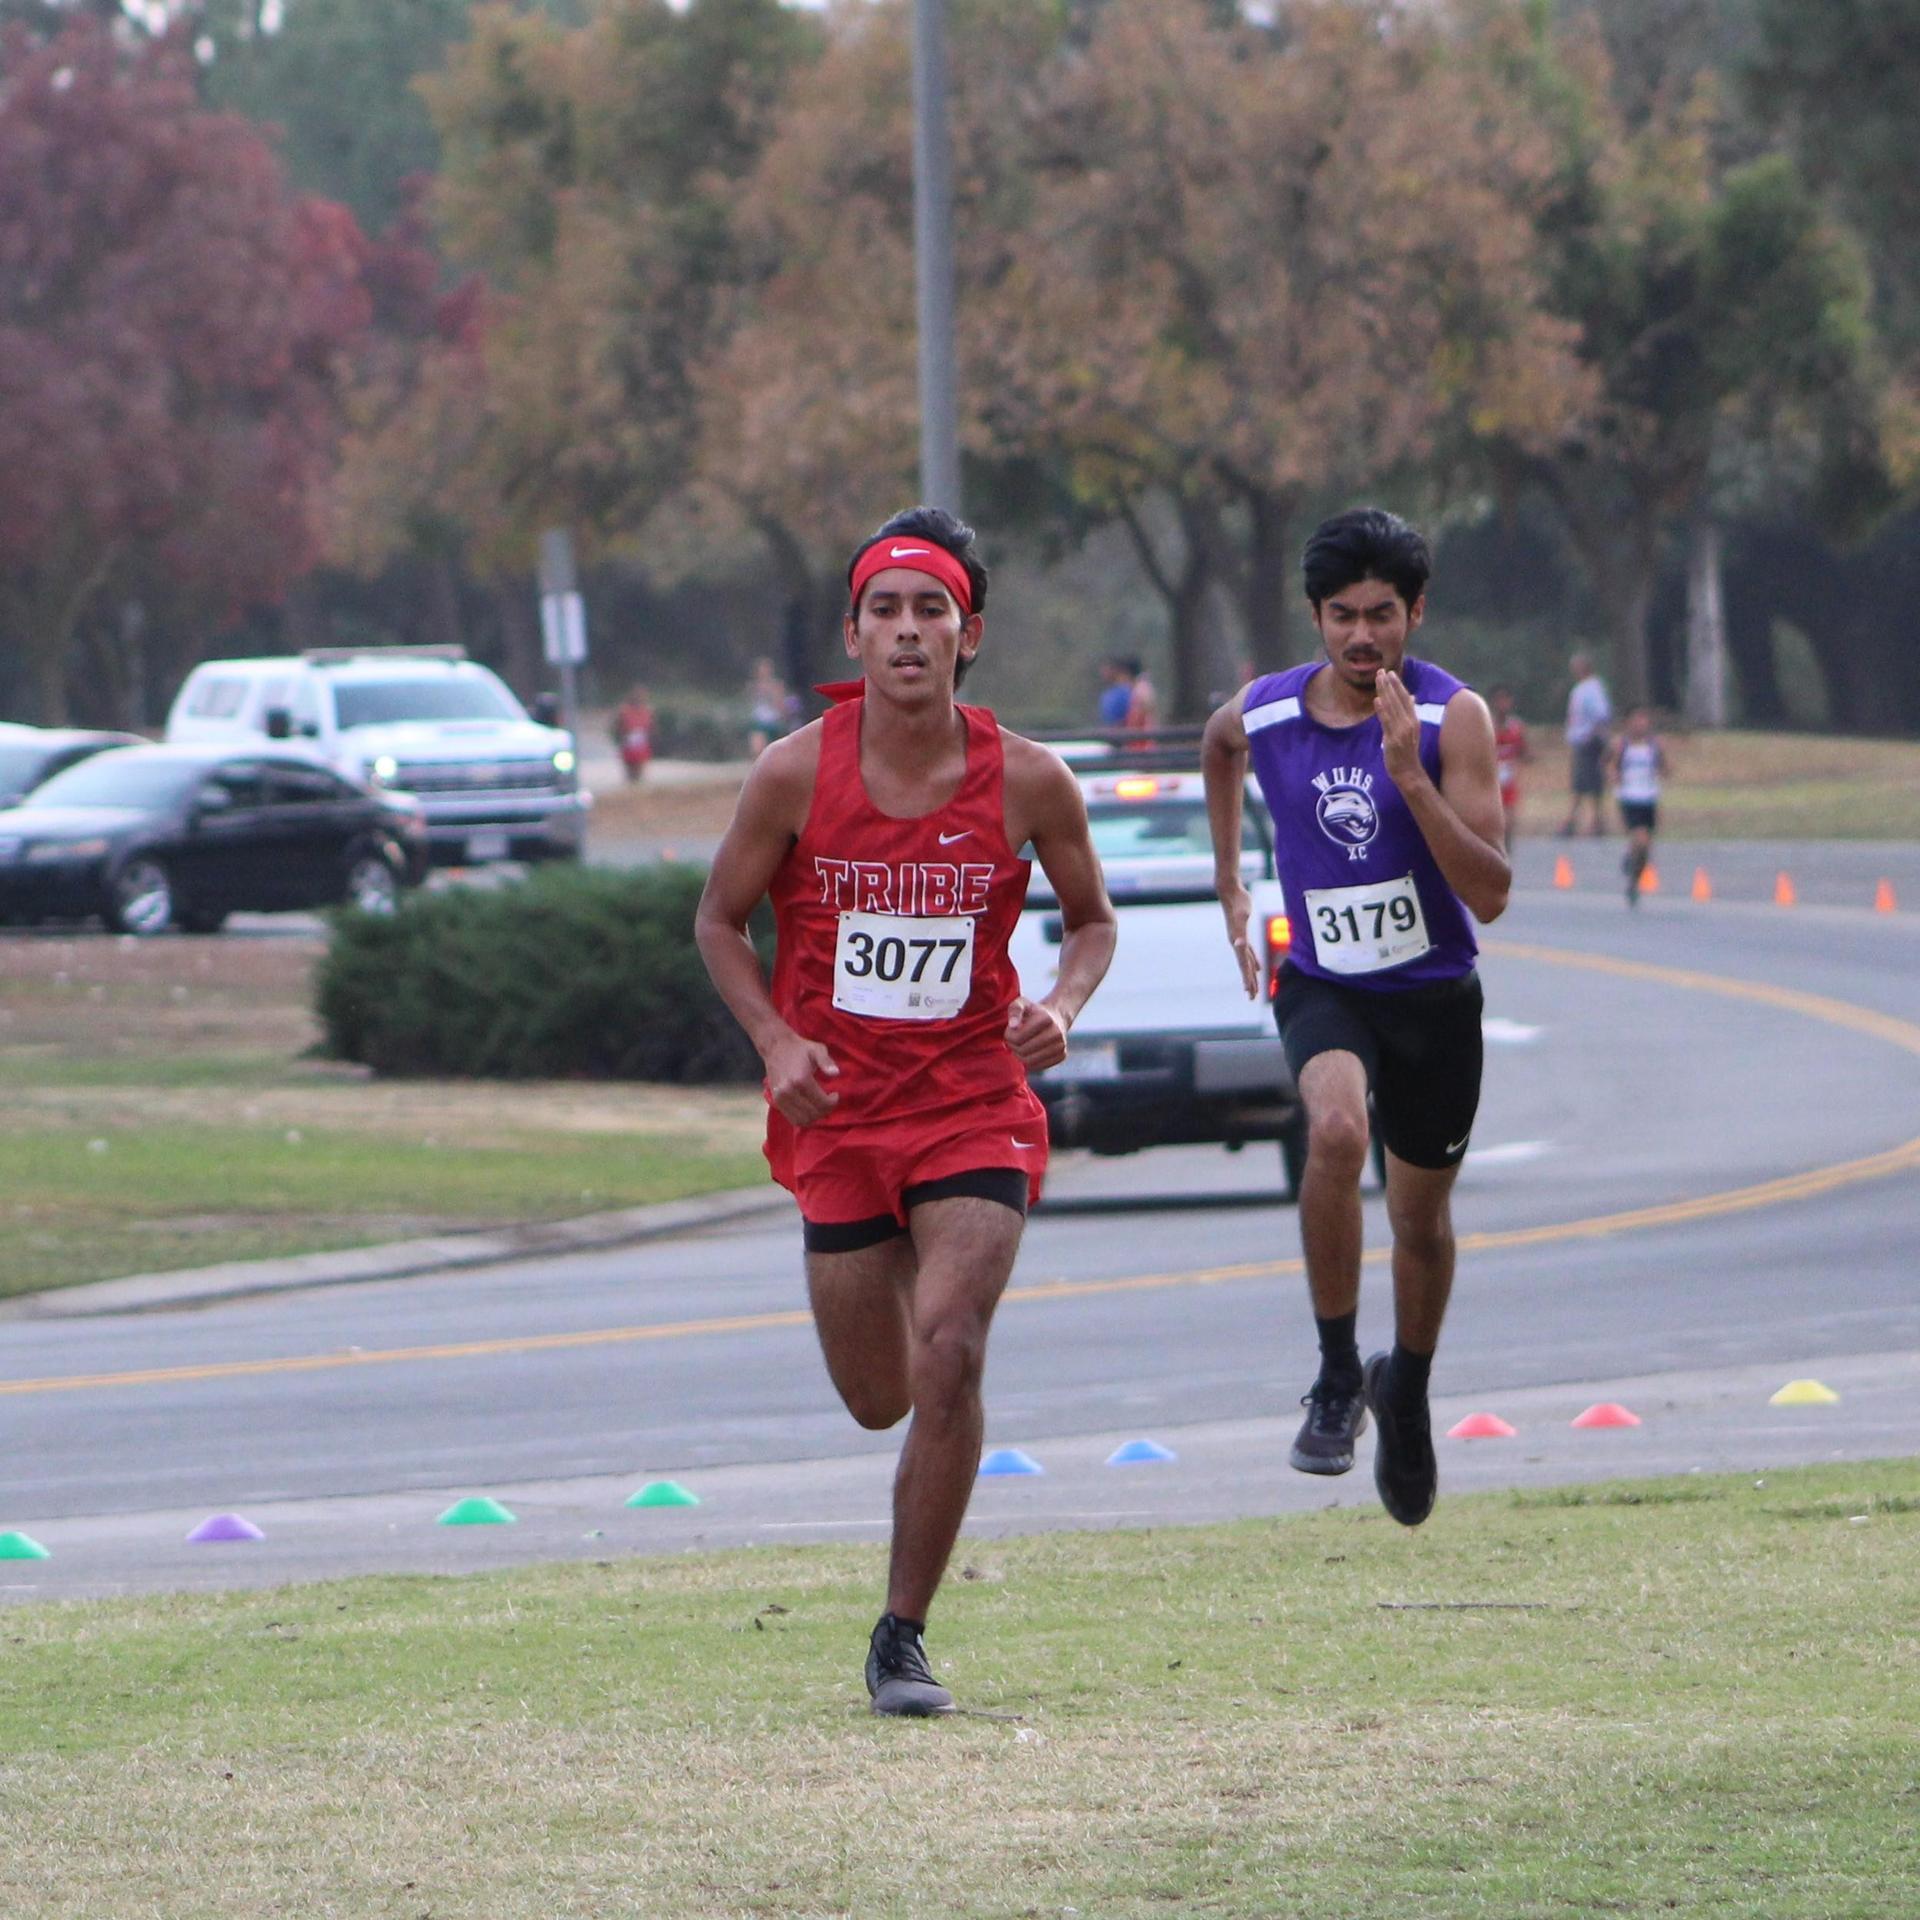 Nicholas Martinez running